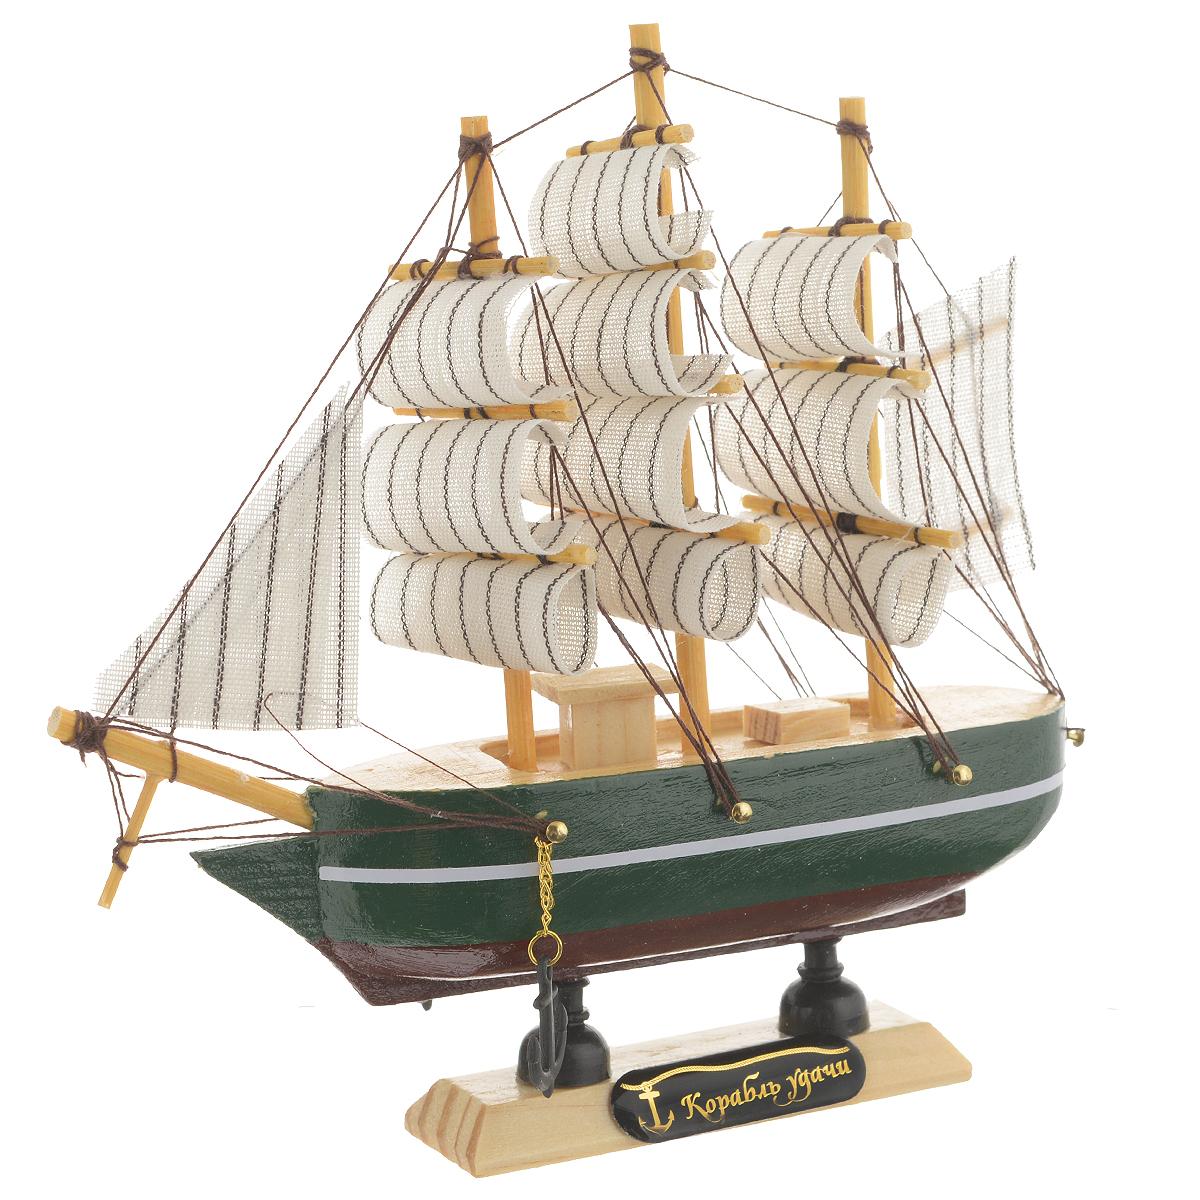 Корабль сувенирный Корабль удачи, длина 16 см. 56416974-0060Сувенирный корабль Корабль удачи, изготовленный из дерева и текстиля, это великолепный элемент декора рабочей зоны в офисе или кабинете. Корабль с парусами и якорями помещен на деревянную подставку. Время идет, и мы становимся свидетелями развития технического прогресса, новых учений и практик. Но одно не подвластно времени - это любовь человека к морю и кораблям. Сувенирный корабль наполнен историей и силой океанских вод. Данная модель кораблика станет отличным подарком для всех любителей морей, поклонников историй о покорении океанов и неизведанных земель. Модель корабля - подарок со смыслом. Издавна на Руси считалось, что корабли приносят удачу и везение. Поэтому их изображения, фигурки и точные копии всегда присутствовали в помещениях. Удивите себя и своих близких необычным презентом.